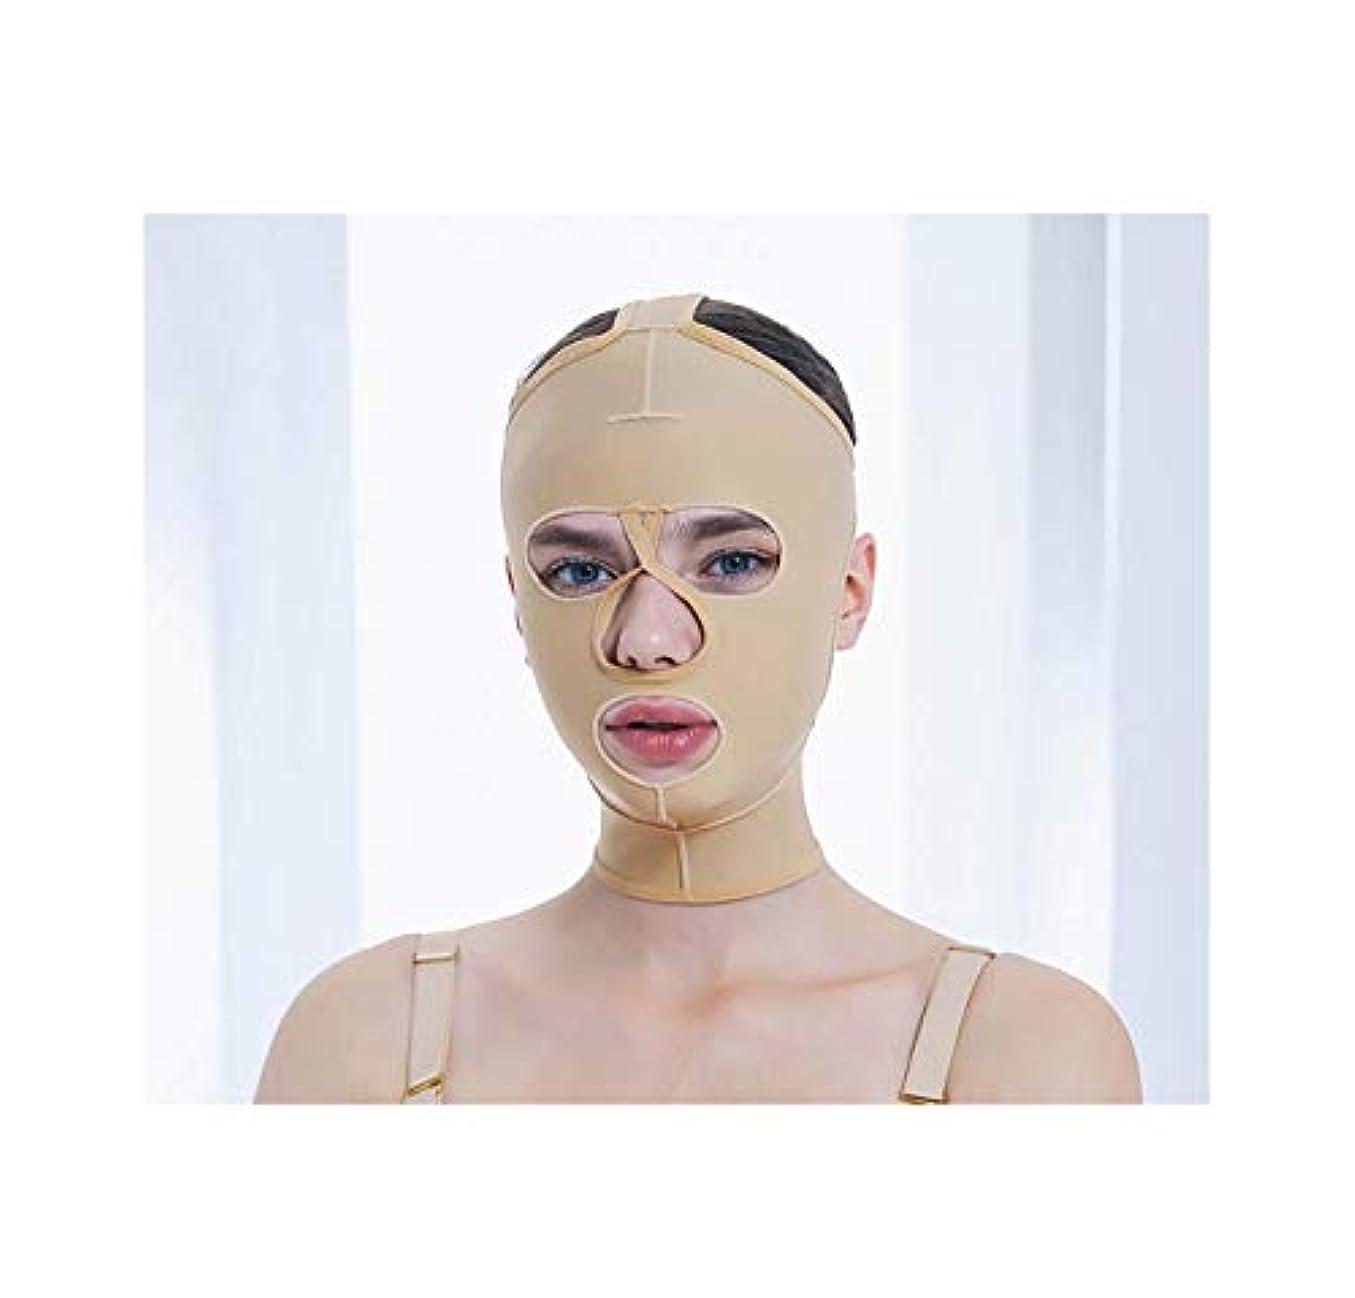 直径フクロウはがきフェイス&ネックリフト、減量フェイスマスク脂肪吸引術脂肪吸引整形マスクフードフェイスリフティングアーティファクトVフェイスビームフェイス弾性スリーブ(サイズ:XS),S